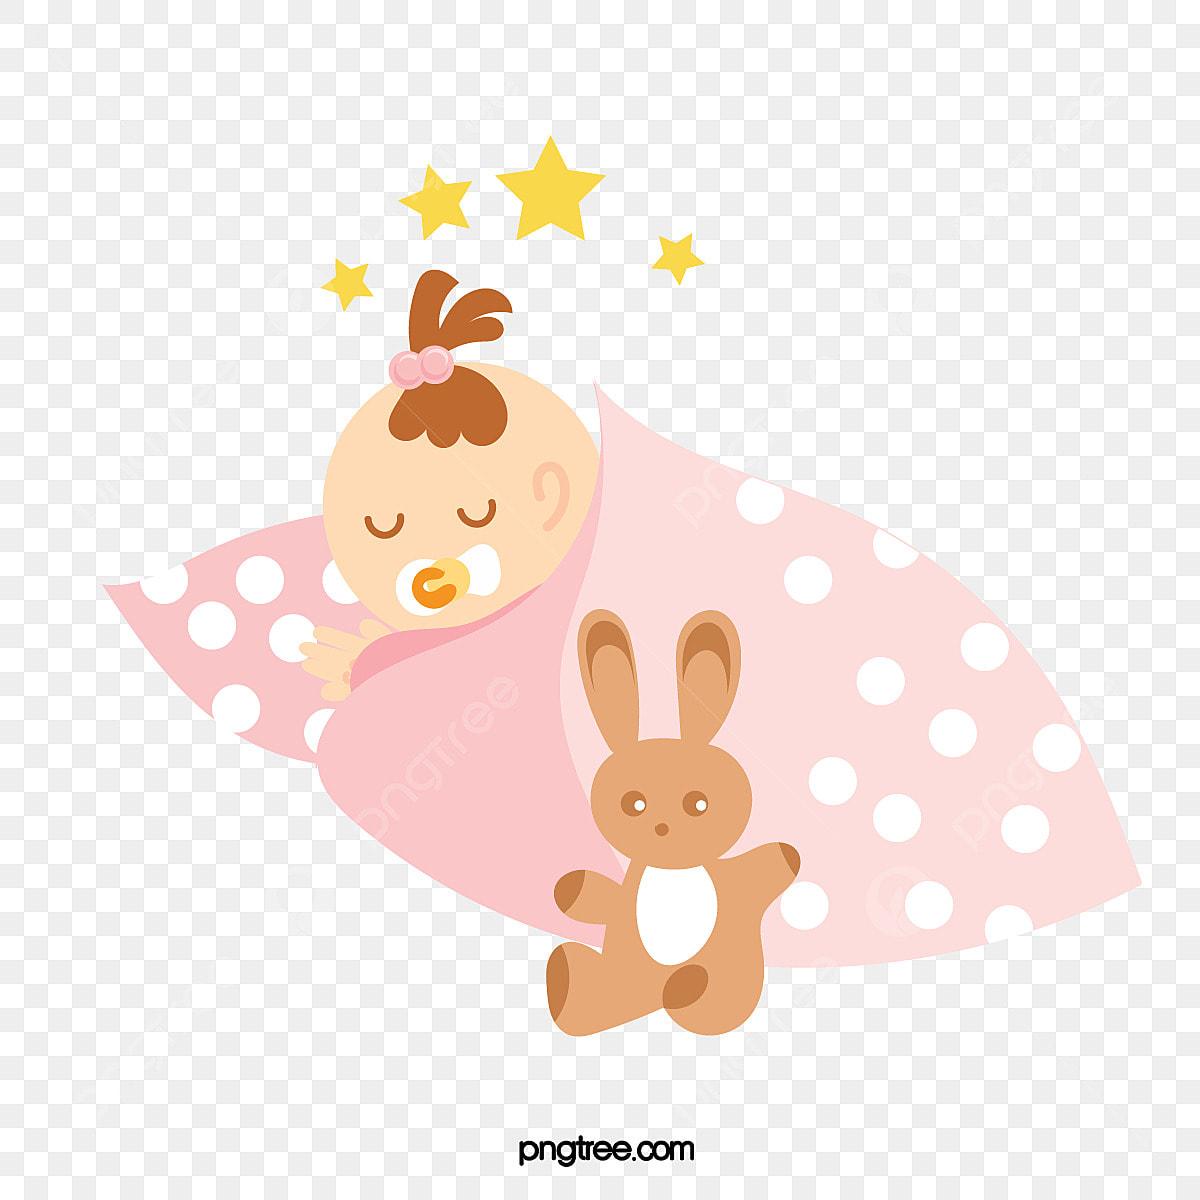 男嬰 嬰兒剪貼畫 寶寶 女孩向量圖案素材免費下載 Png Eps和ai素材下載 Pngtree